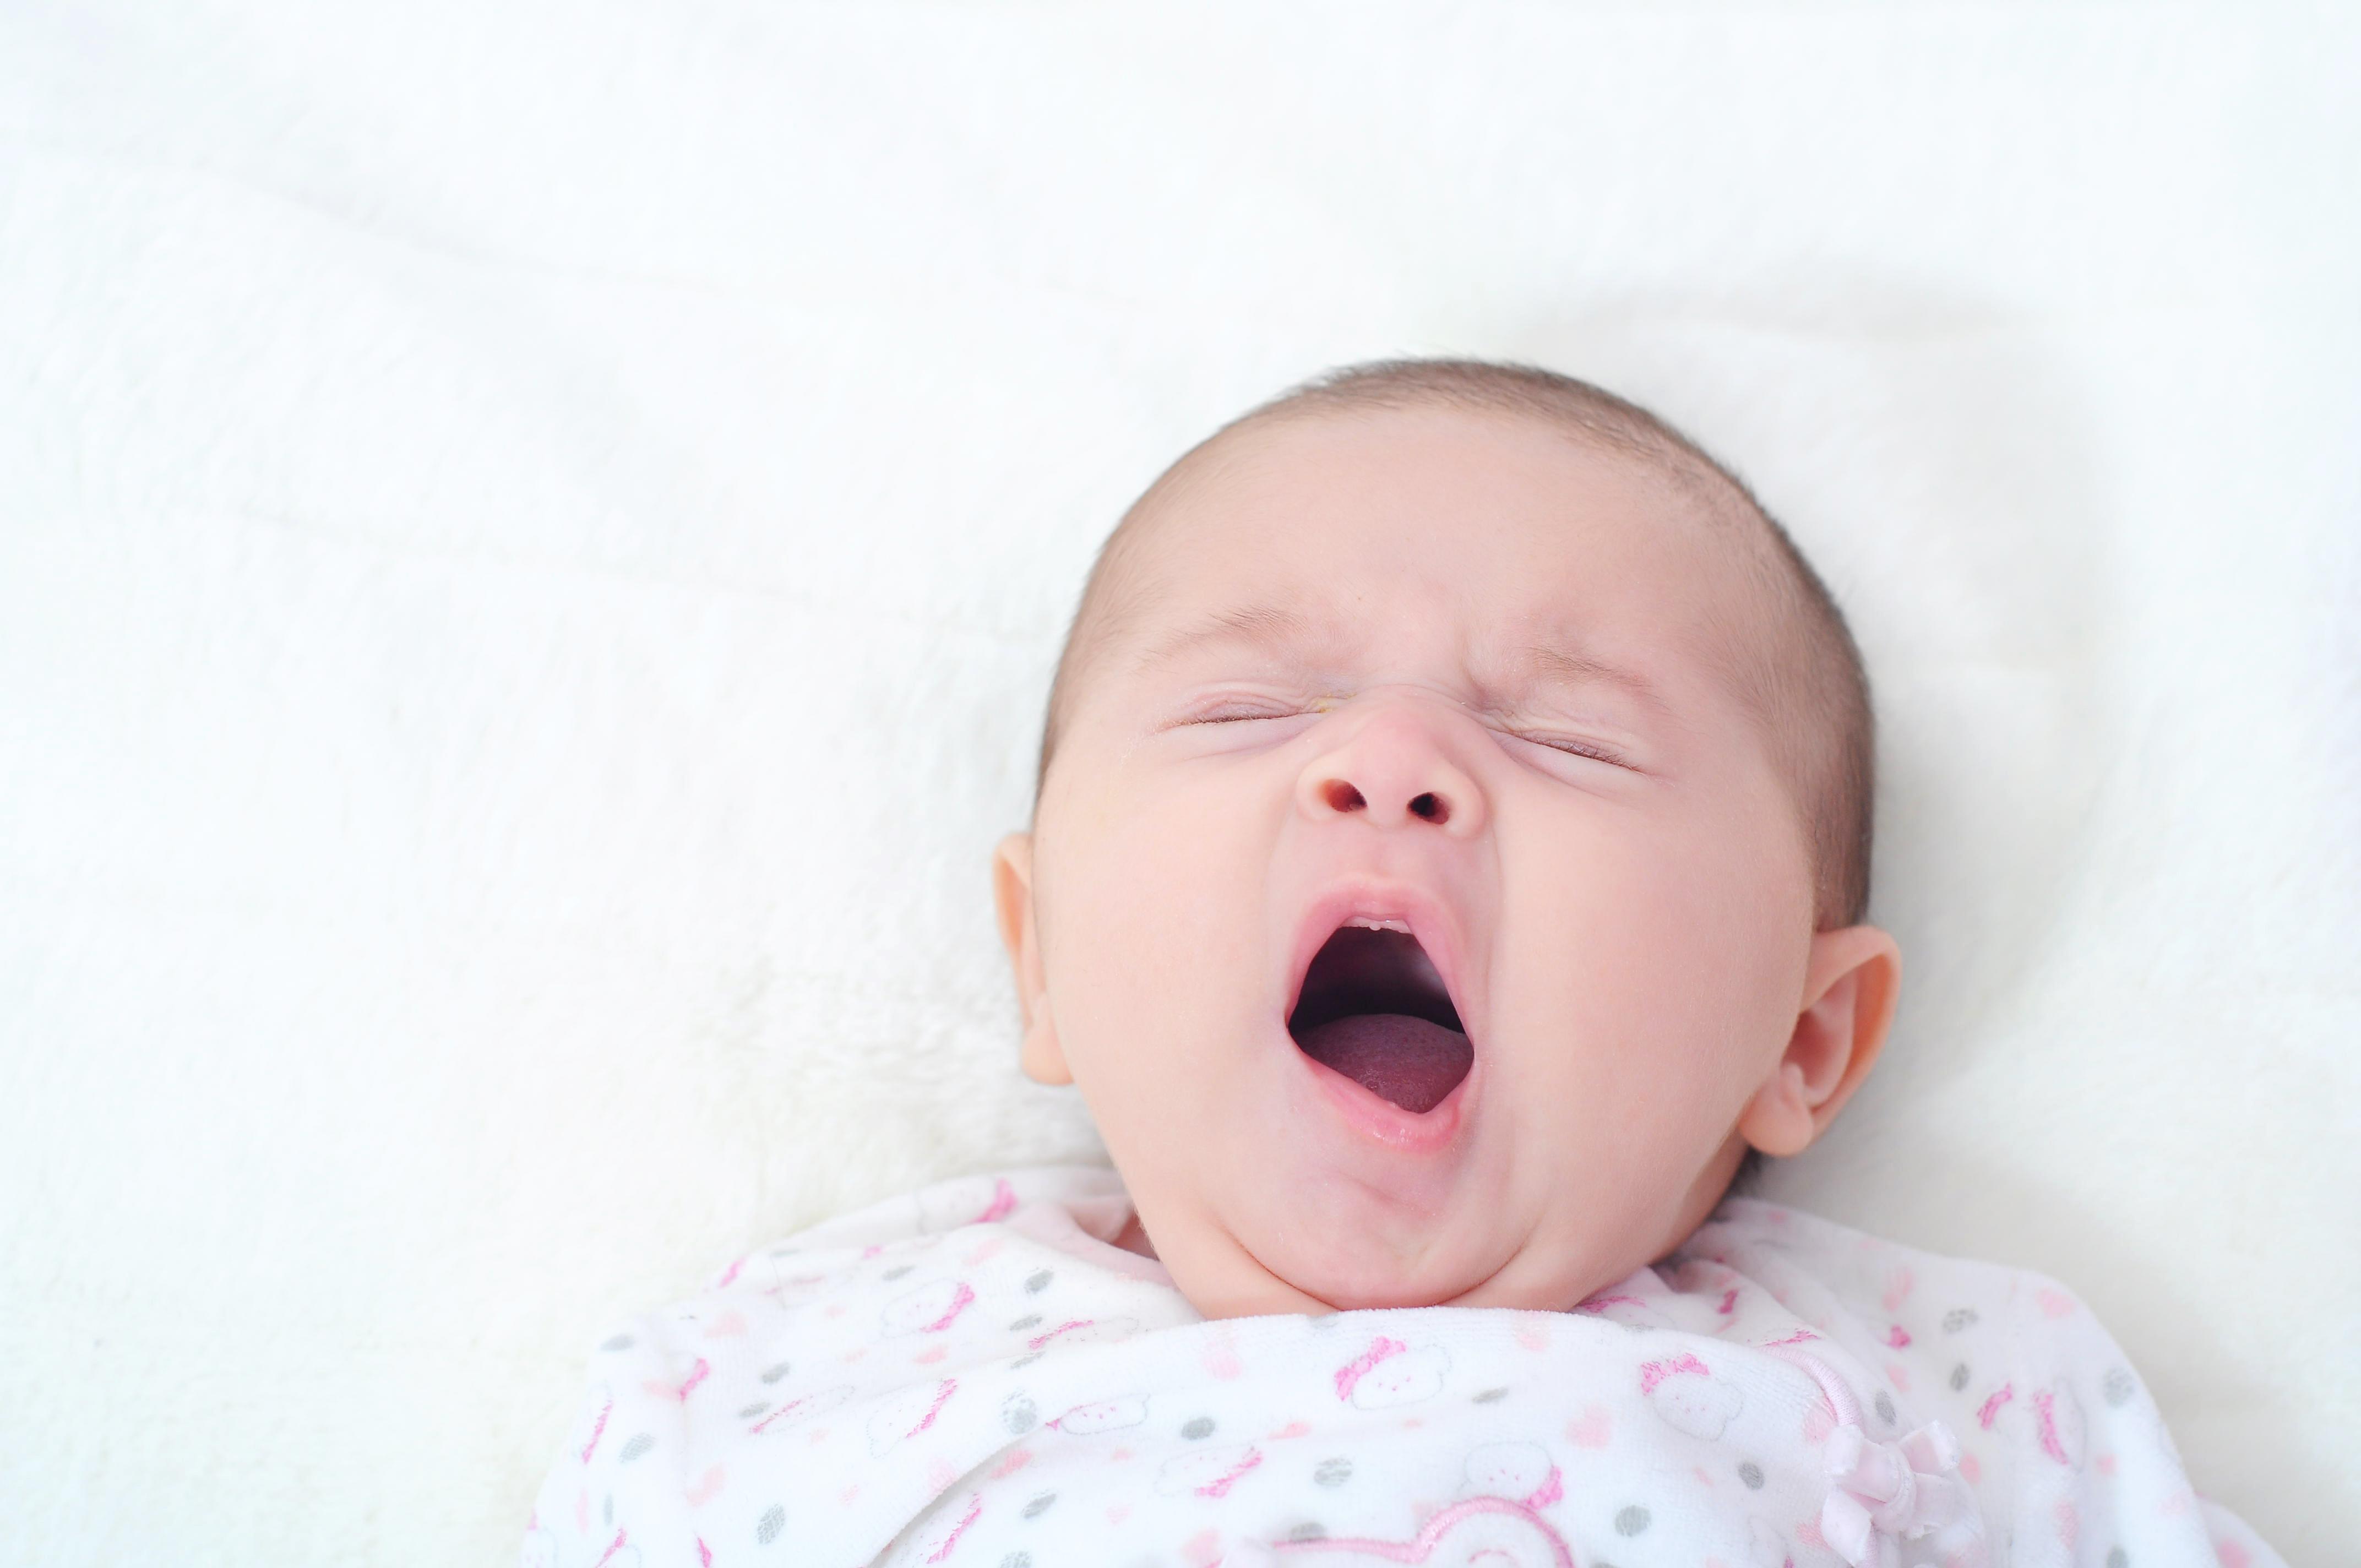 Bebé durmiendo y bostezando